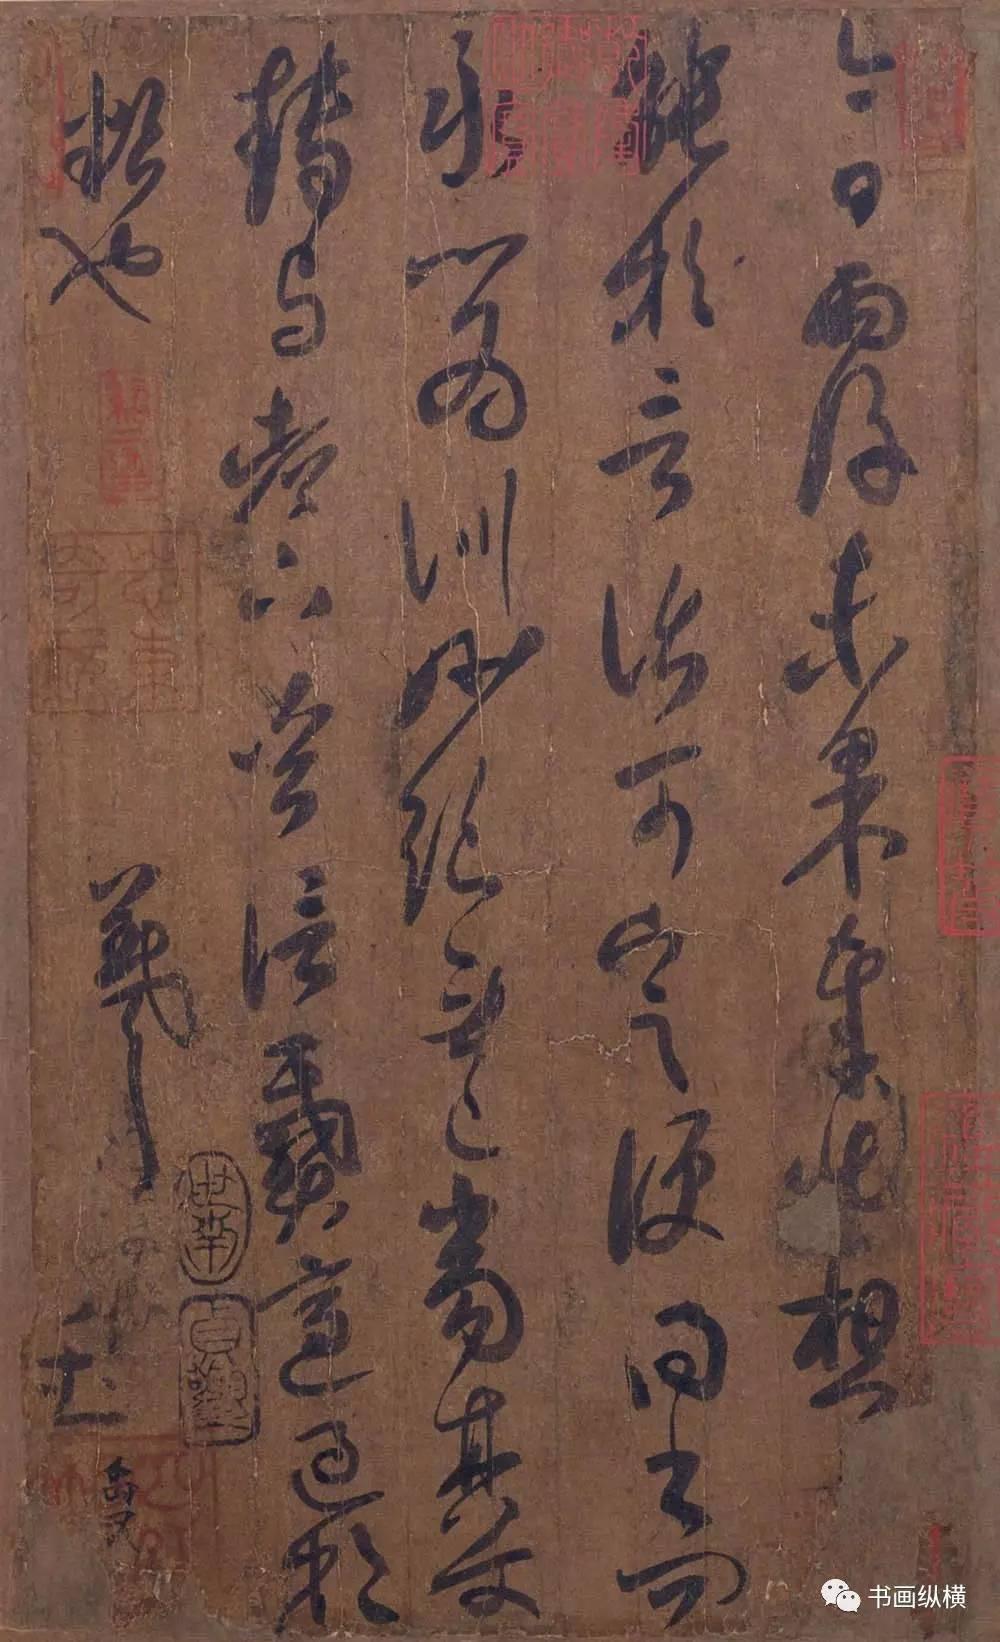 王羲之所有摹本和真迹汇集贴